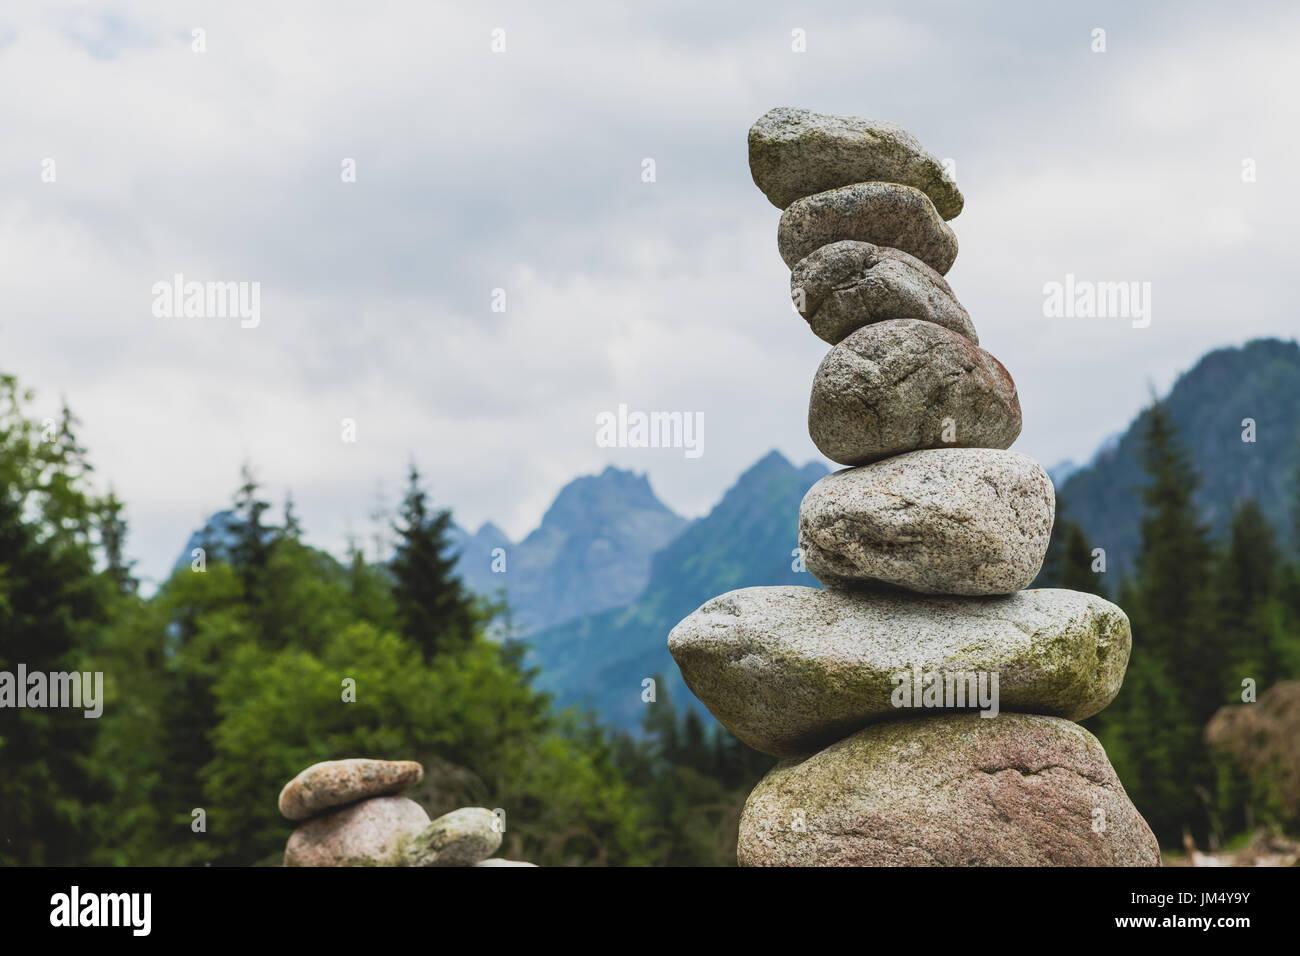 Balance de piedras, jerarquía pila cielo nublado en las montañas. Concepto de estabilidad inspiradora en las rocas. Imagen De Stock